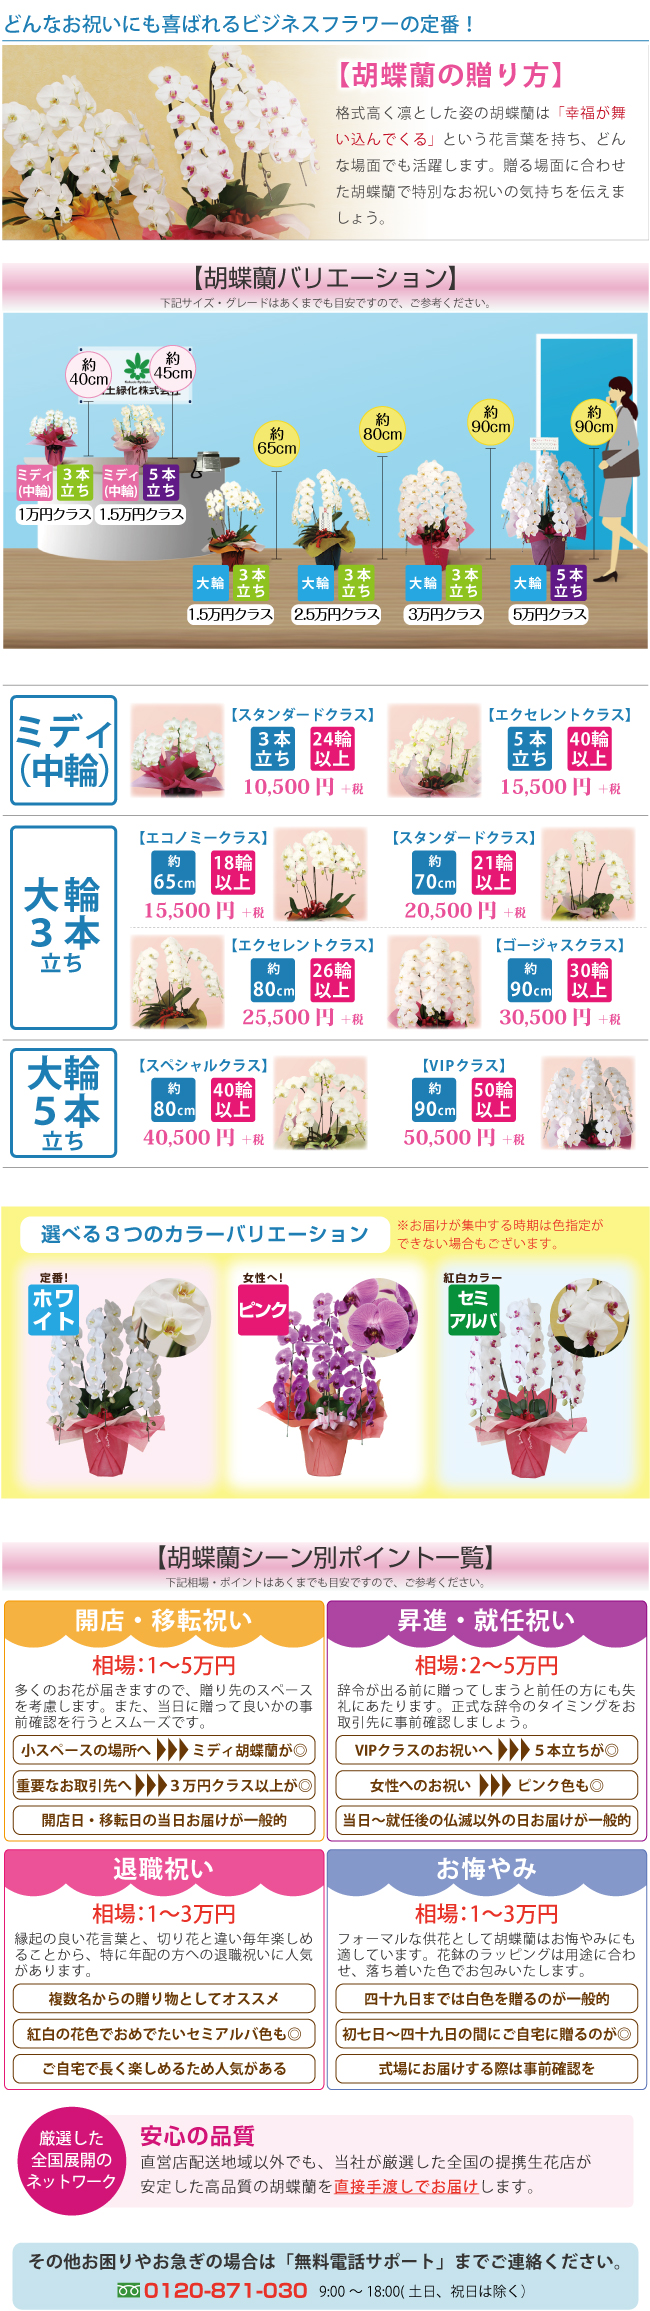 胡蝶蘭の贈り方特集ページ